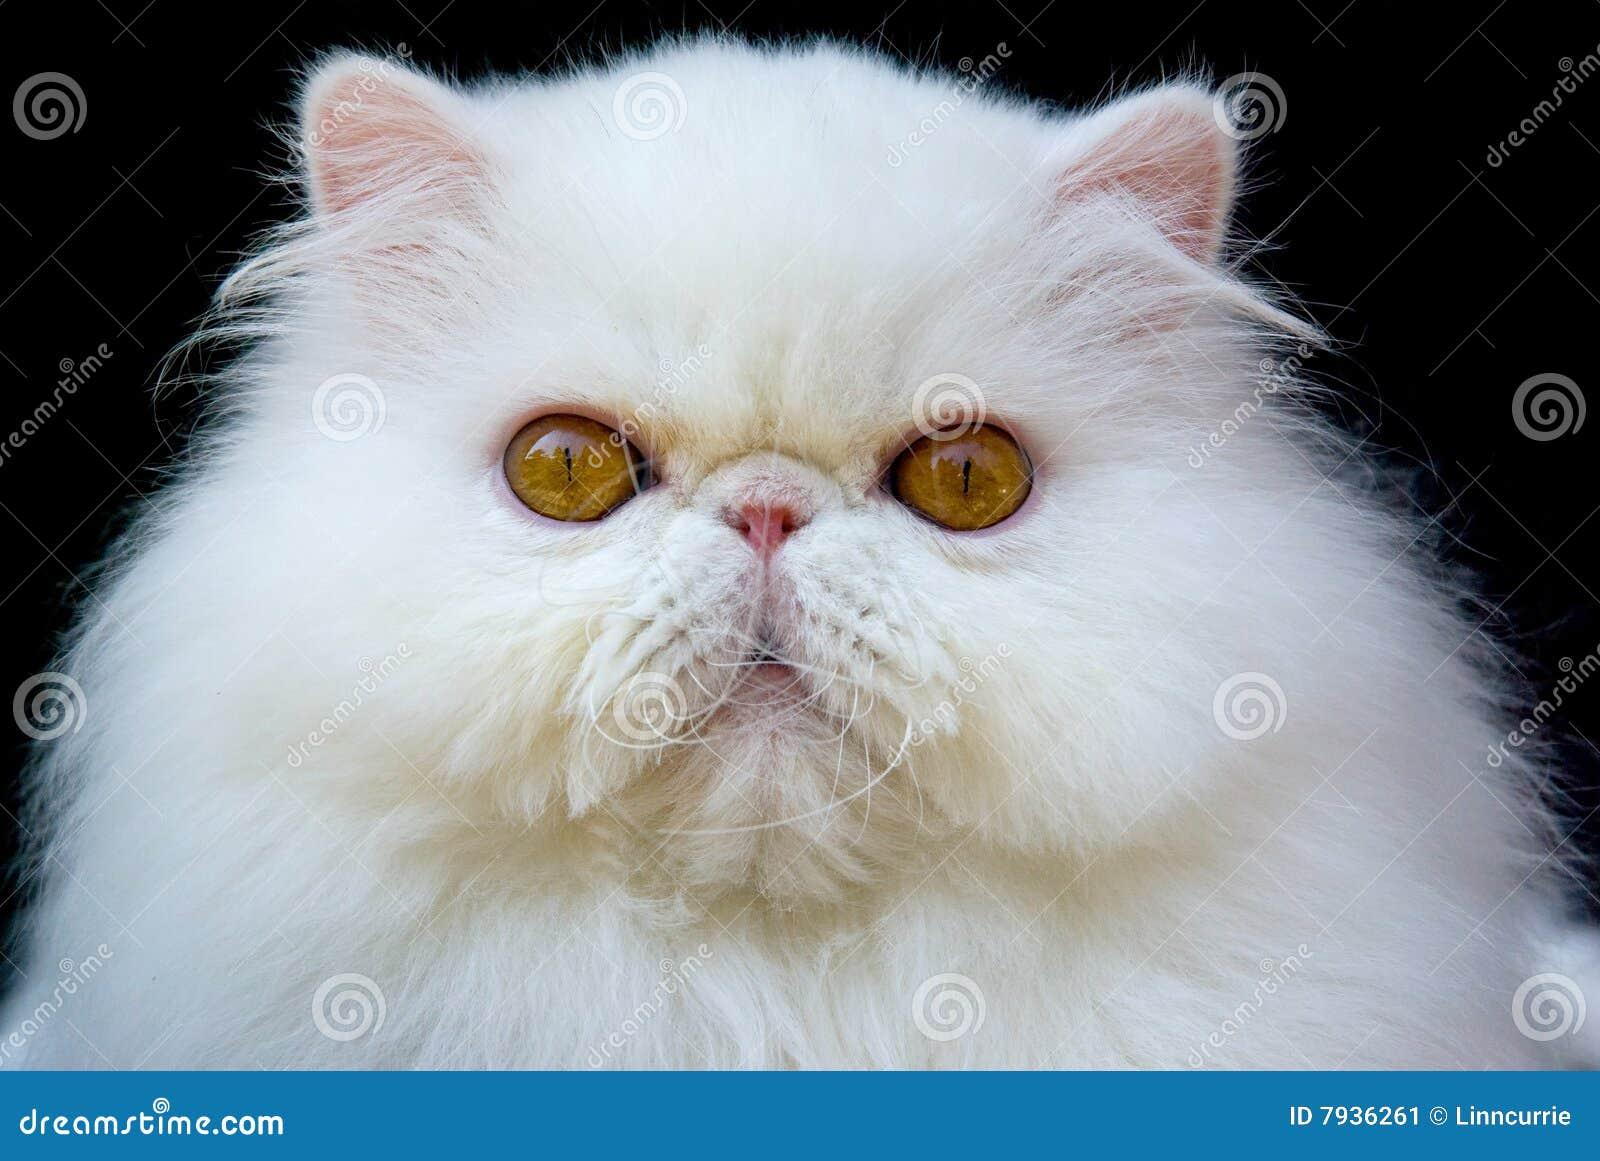 White Exotic Persian Copper Eye Cat Black Velvet Stock Image - Image ... Tiger Eyes Black And White